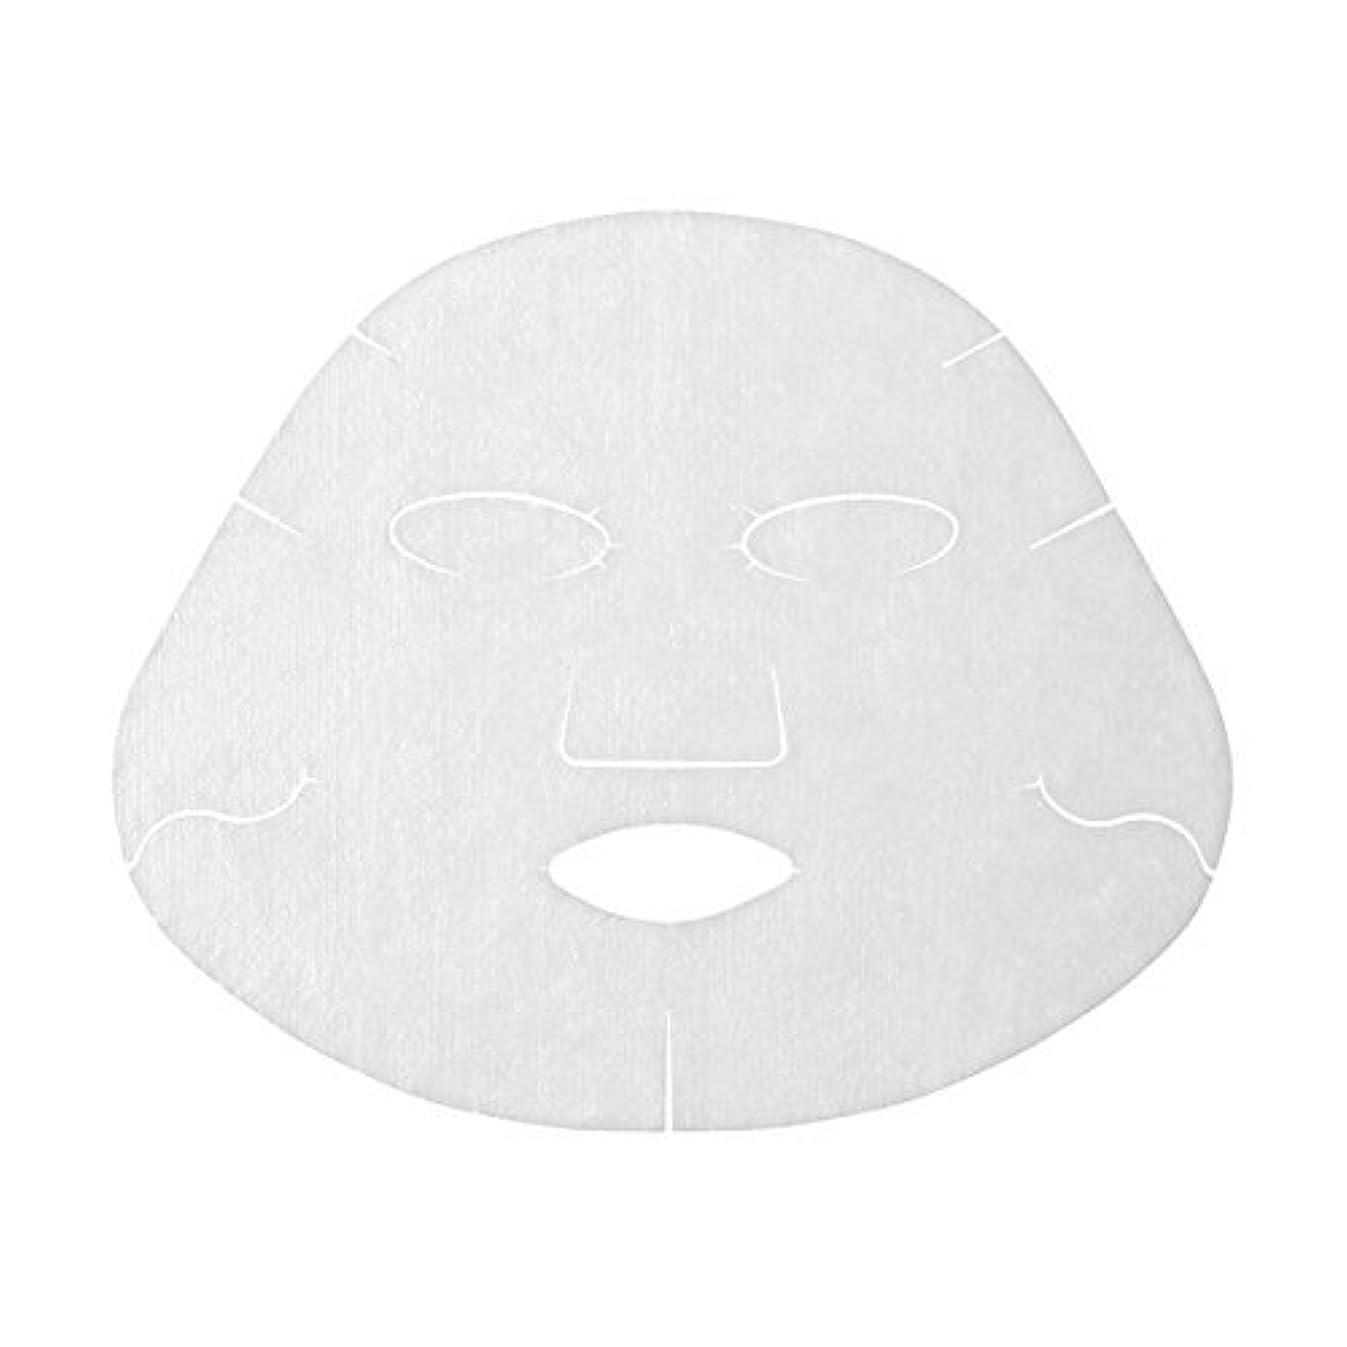 責め付添人本当にアクアレーベル リセットホワイトマスク <1枚入り> 18mL×1枚×3個